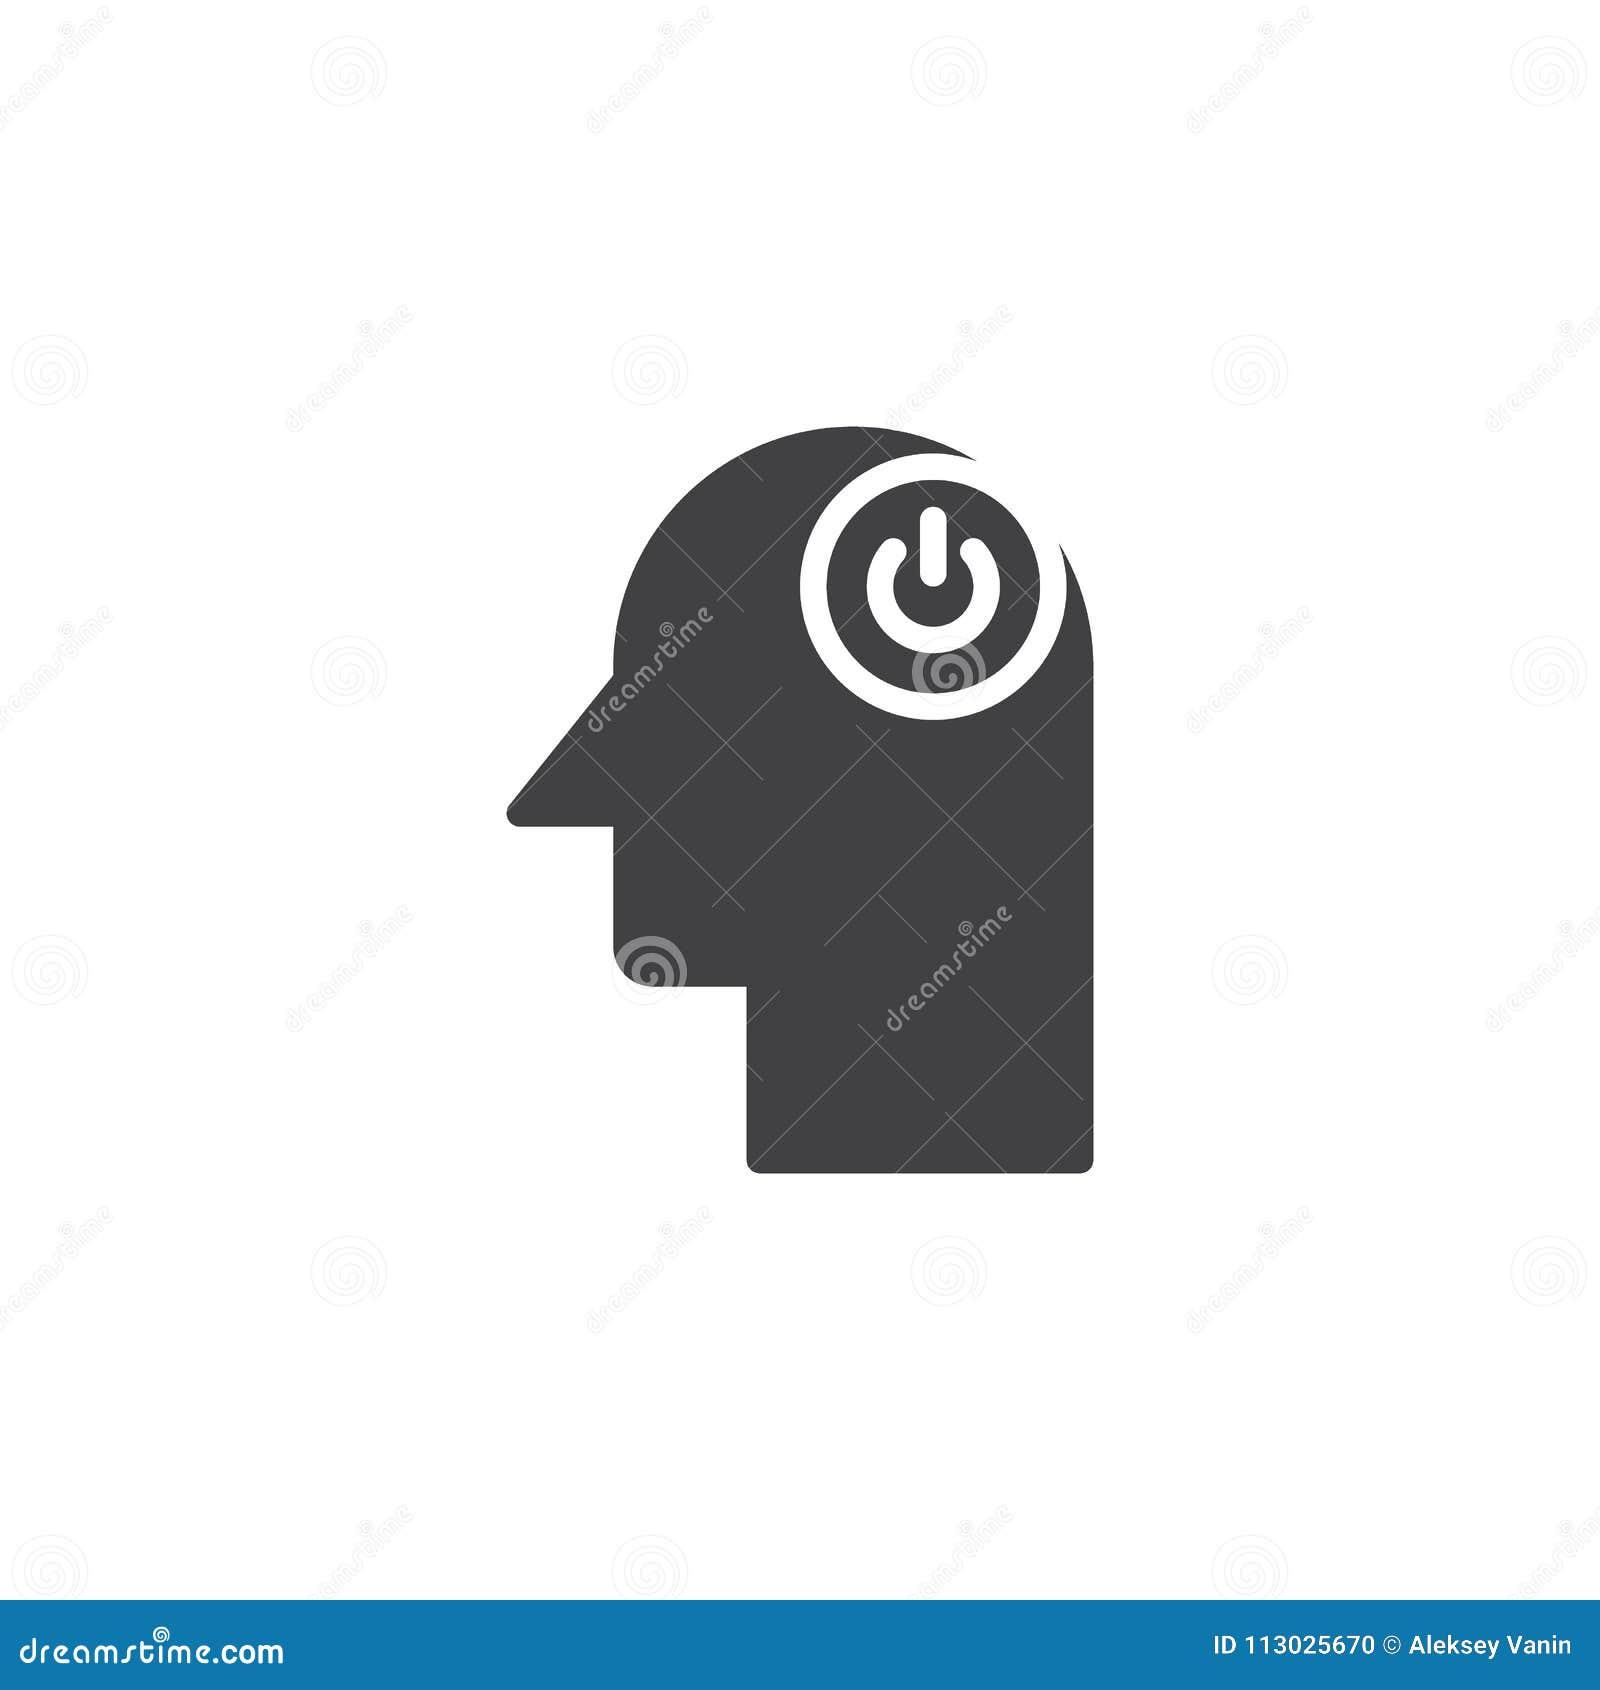 Cabeza humana con el icono del vector del botón de interruptor